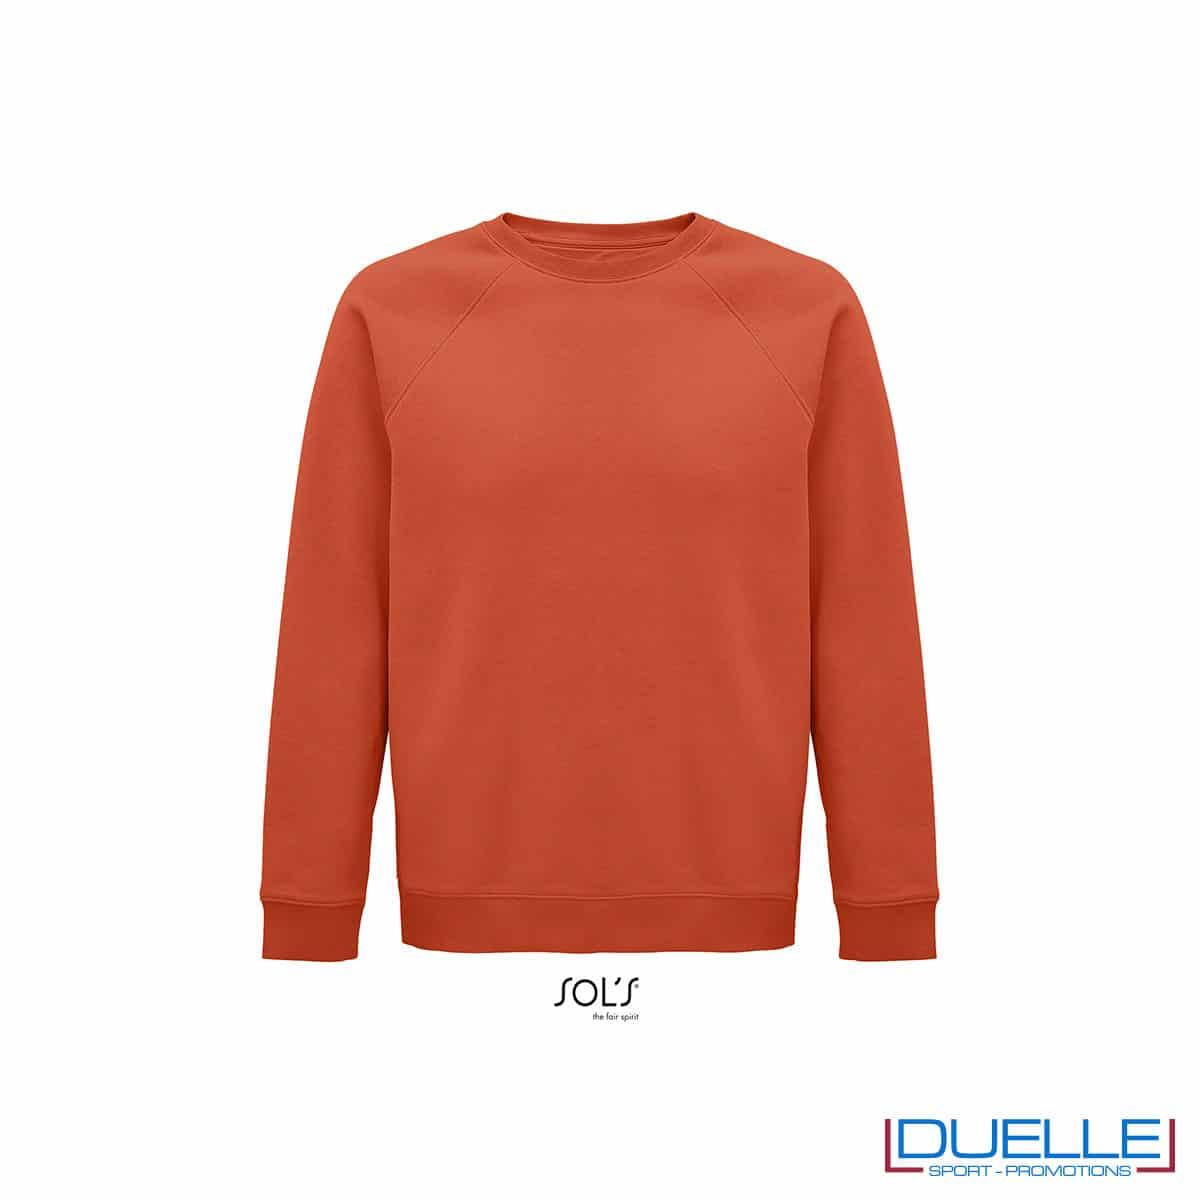 Felpa girocollo in cotone biologico colore arancione personalizzata